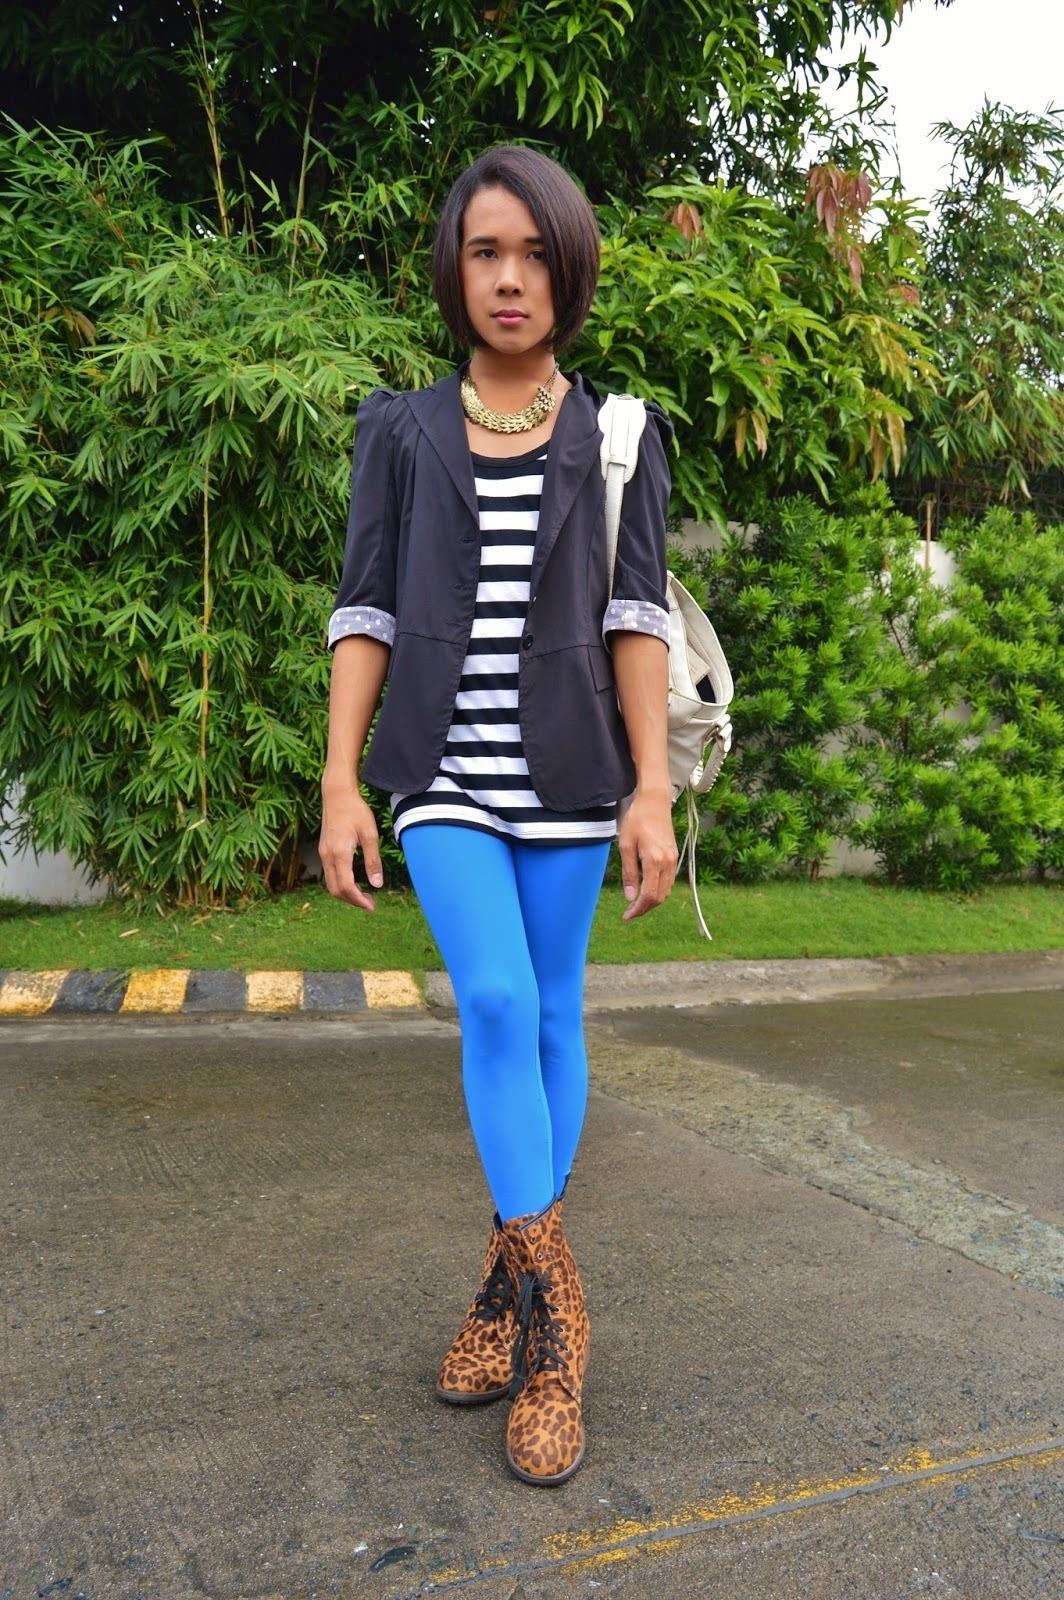 How to Wear Blue Leggings (21 looks) | Women's Fashion